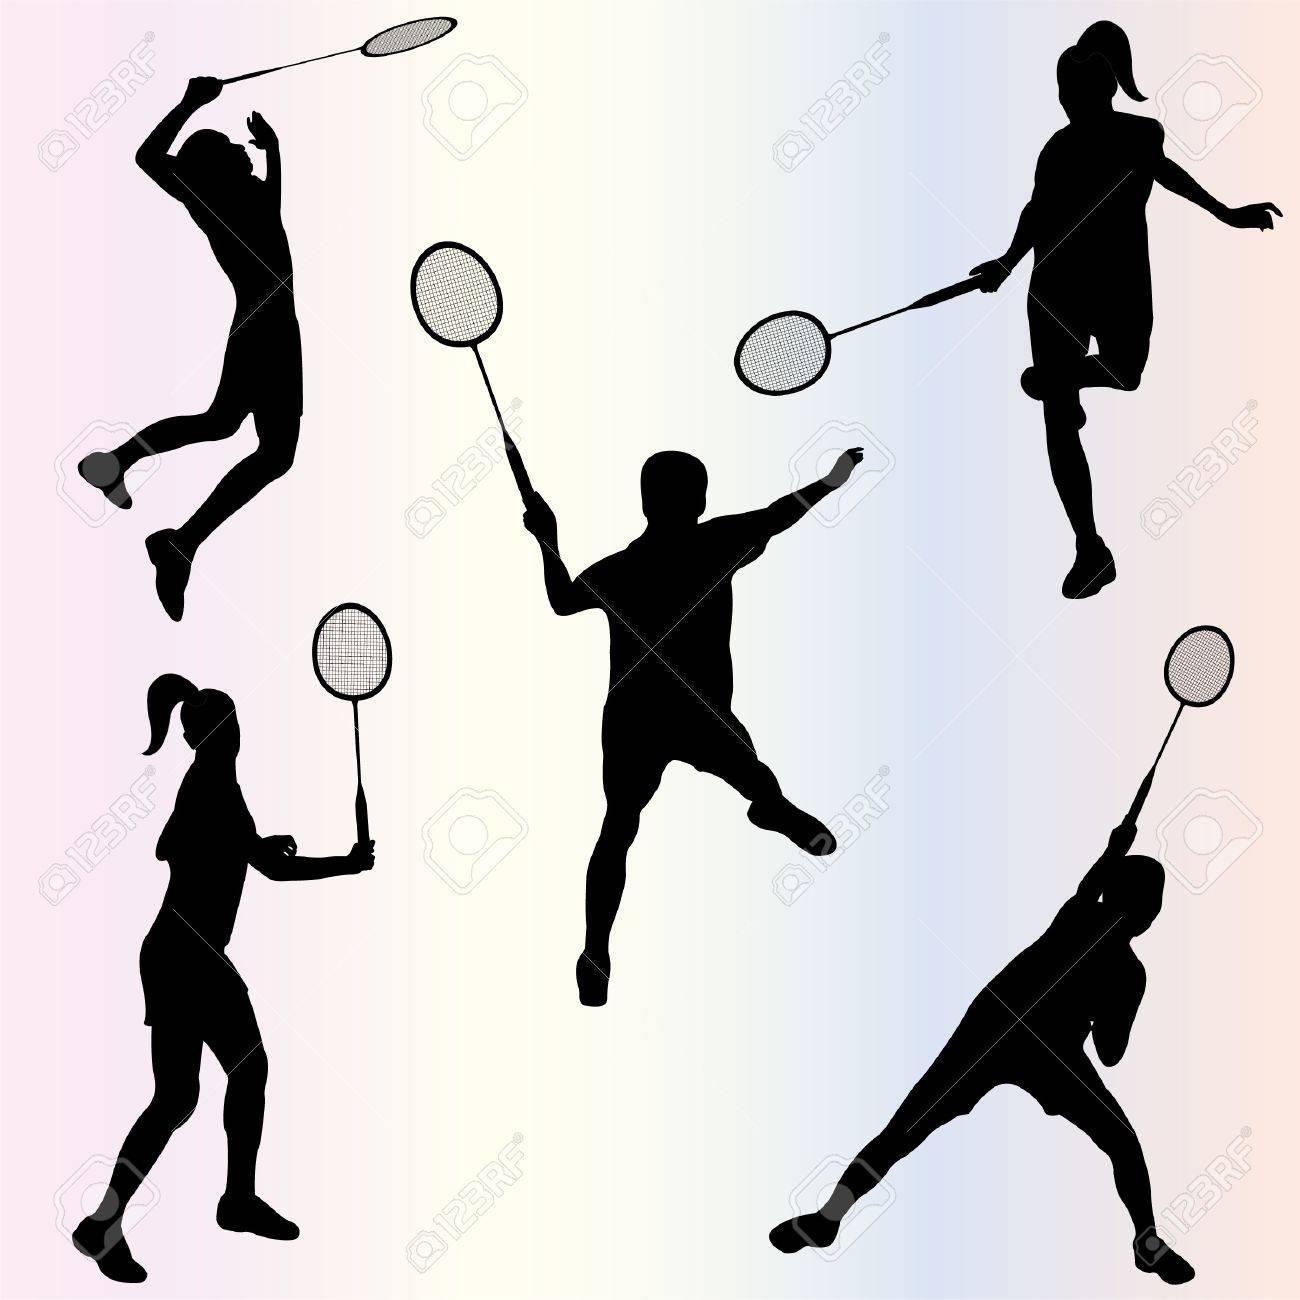 バドミントン選手のシルエットのイラスト素材 ベクタ Image